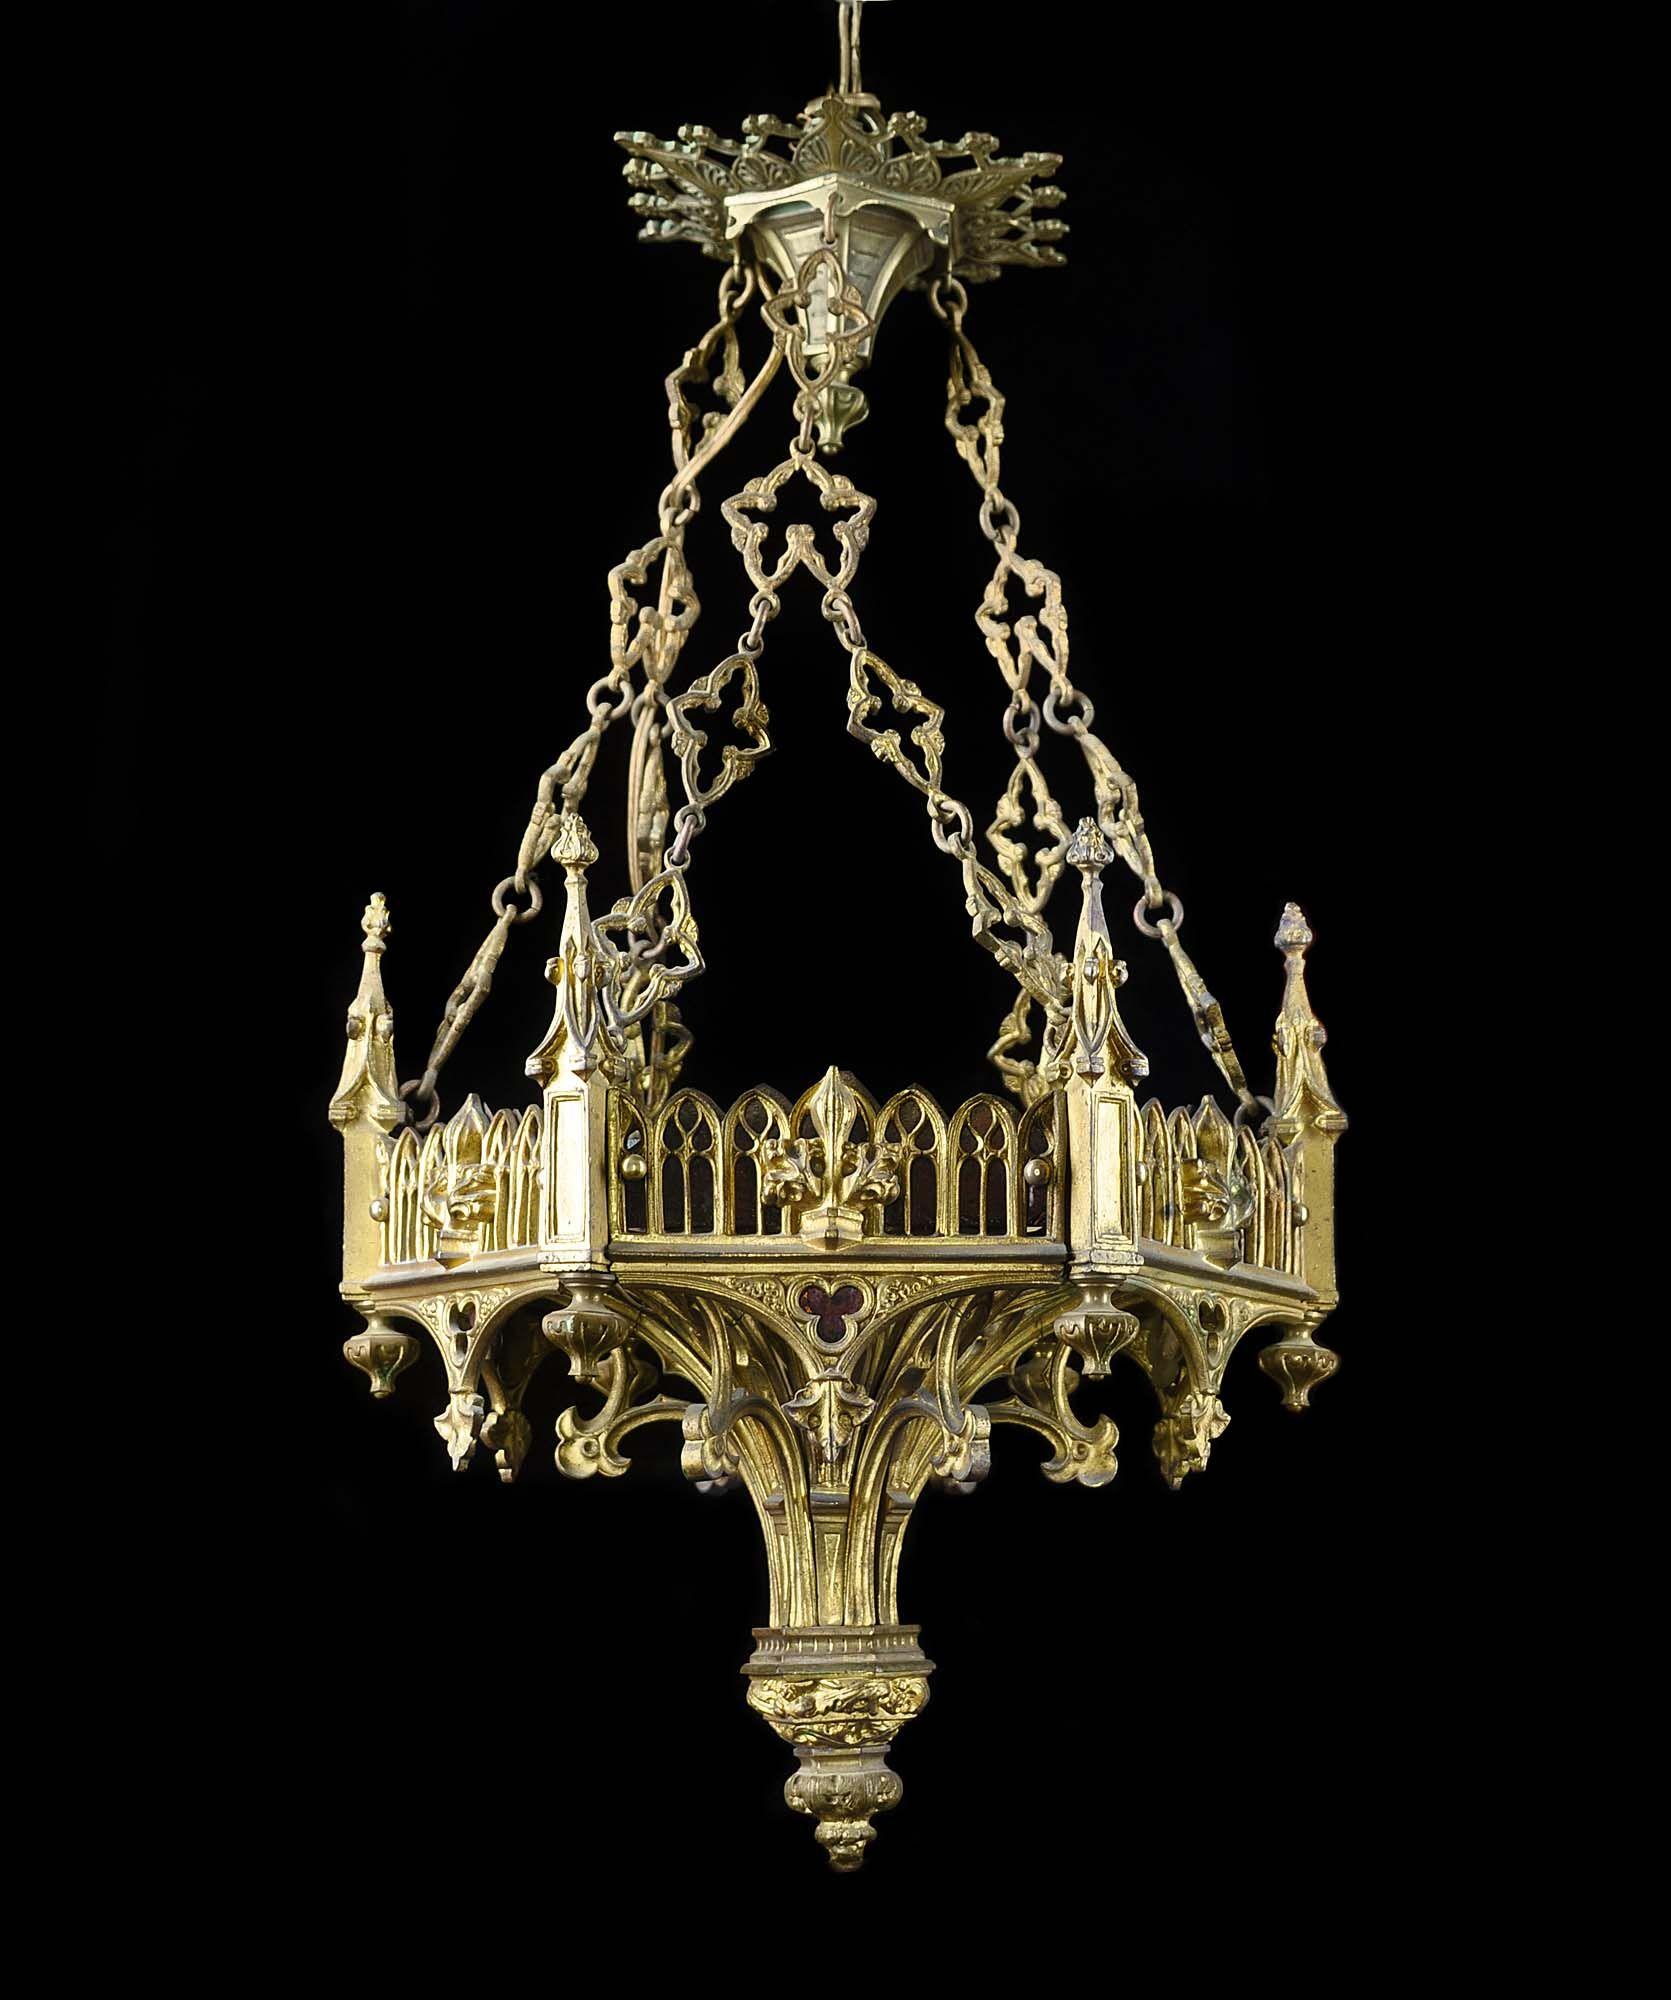 Antique gothic chandelier best 2000 antique decor ideas for Chandelier mural antique